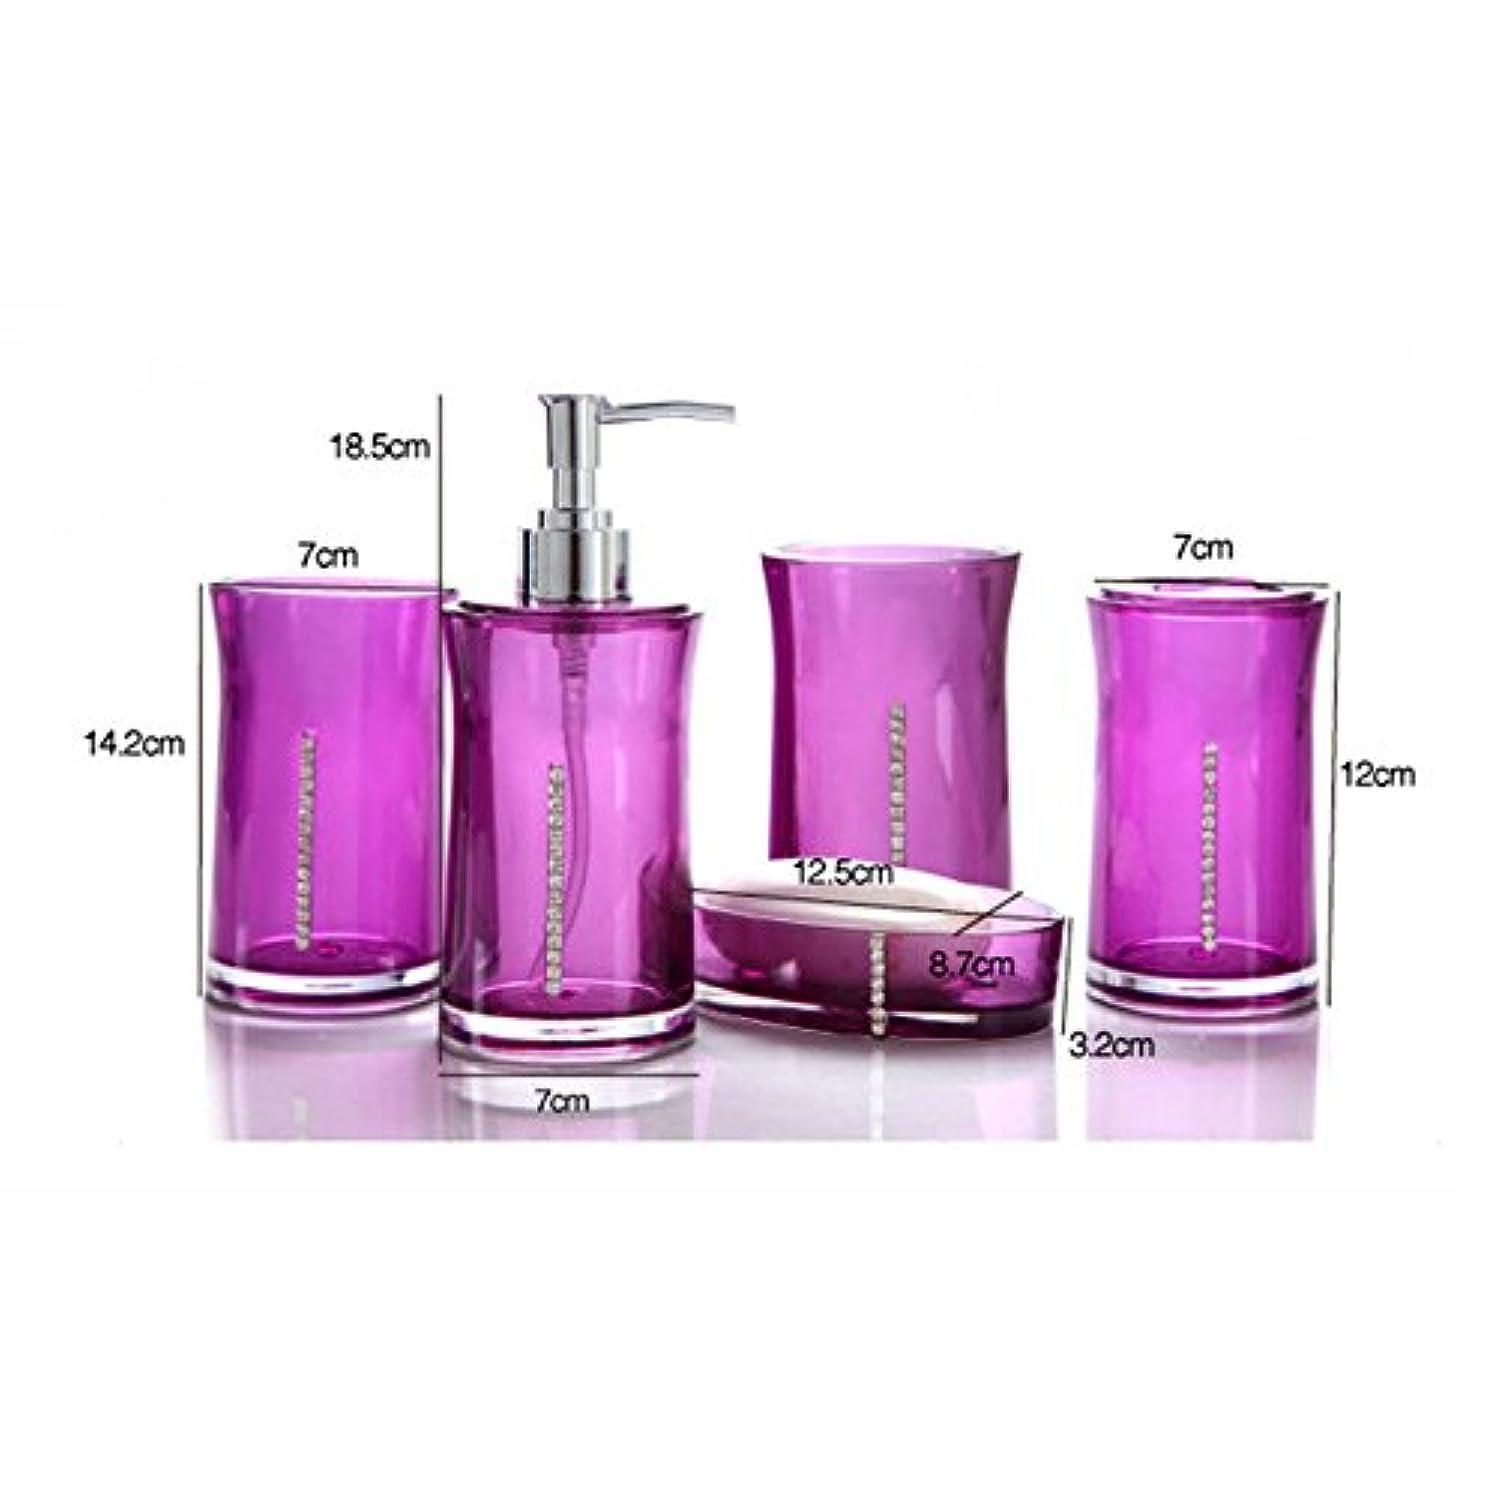 危険にさらされている散るカートリッジxlp シャワージェルアクリルボトル、キッチンバス用シャンプー液体石鹸ディスペンサーボトル (紫)